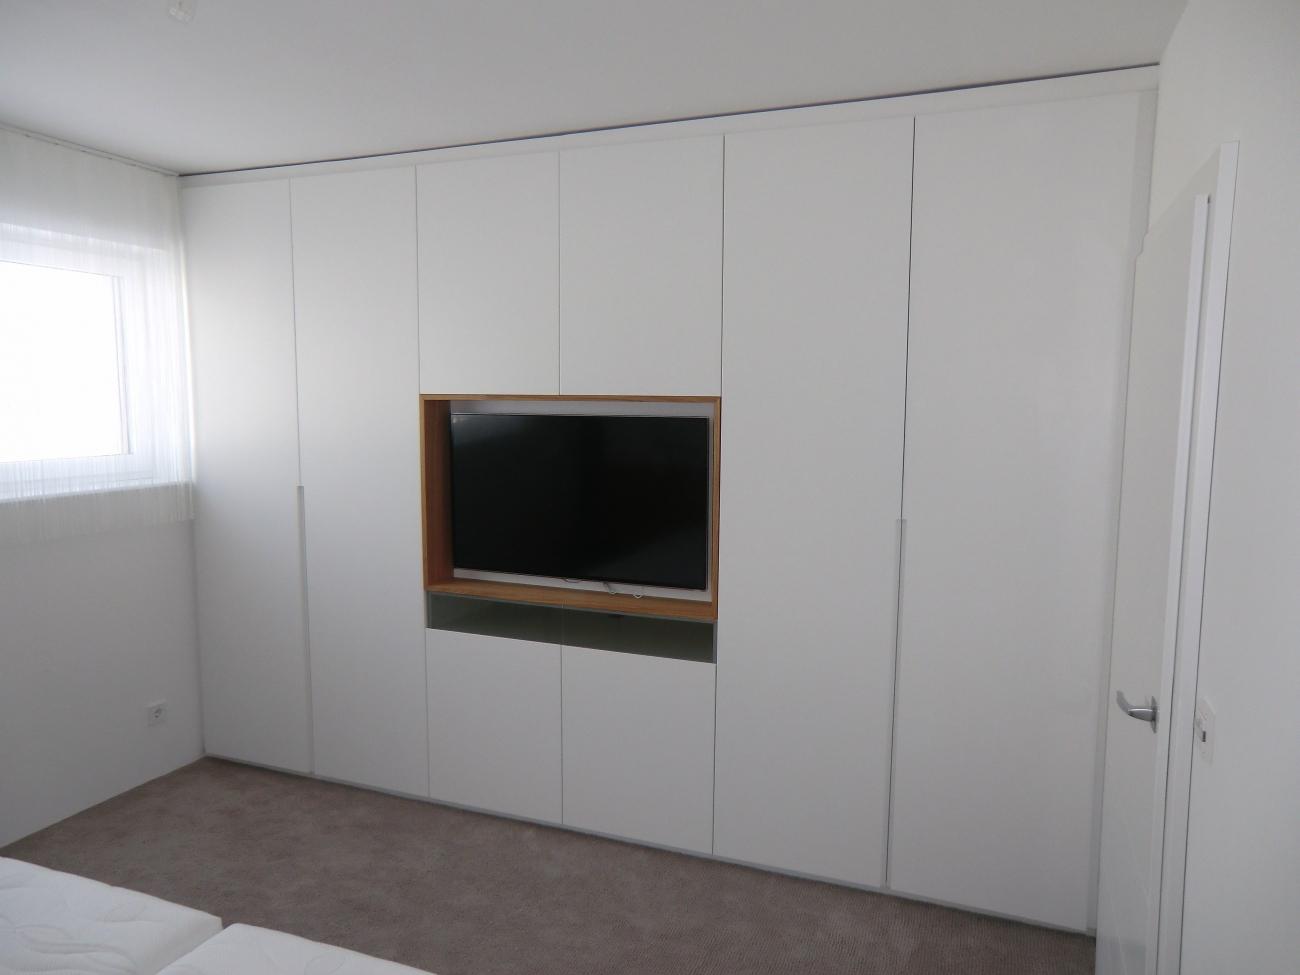 kleiderschrank mit TV | in schleiflack ral 9016 | Christoph ...